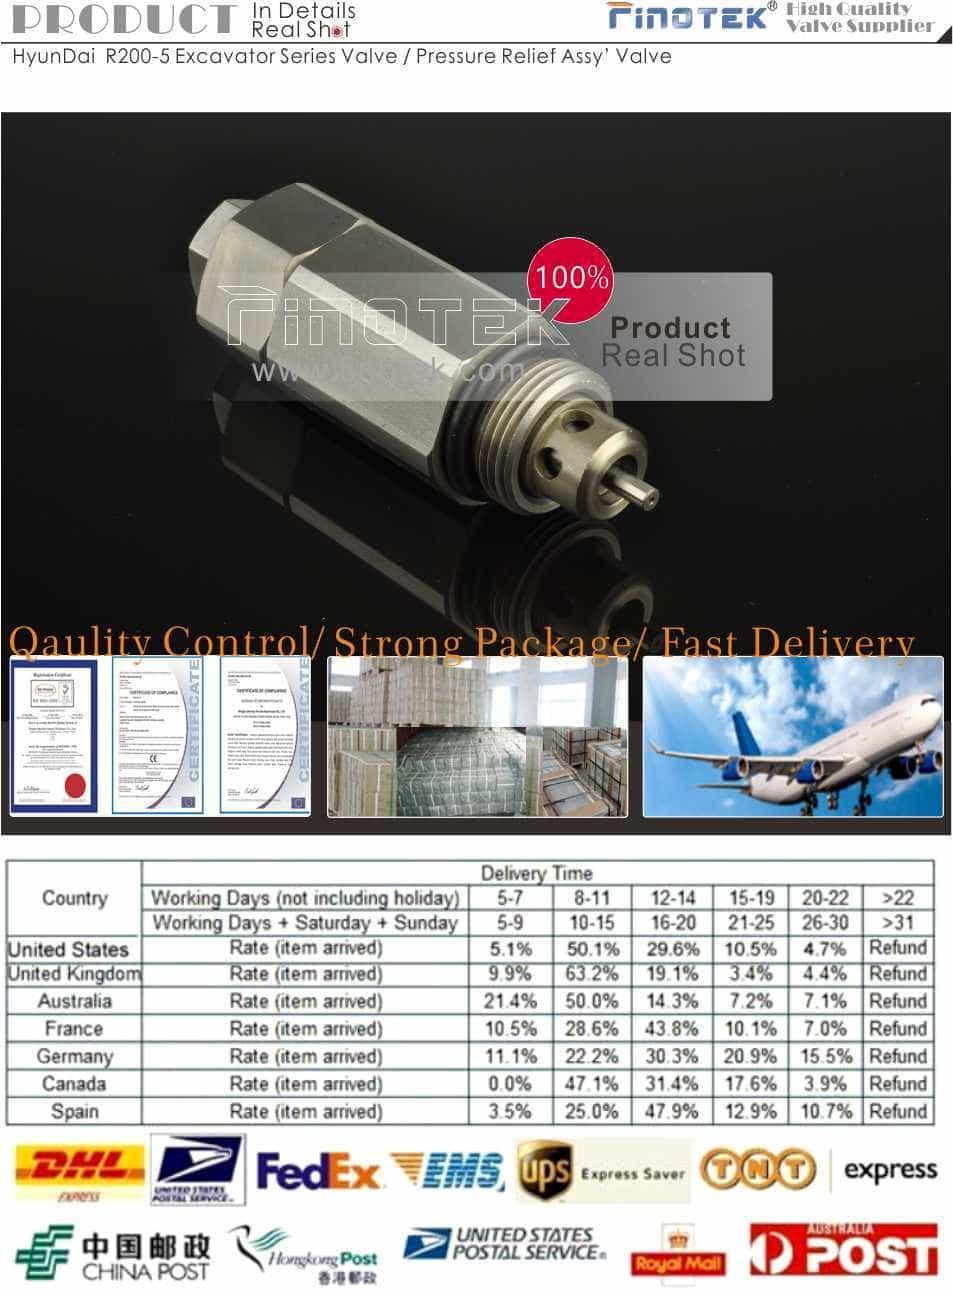 Hyundai-escavatore-valvola-R210-5, R210-6 principale valvola di controllo